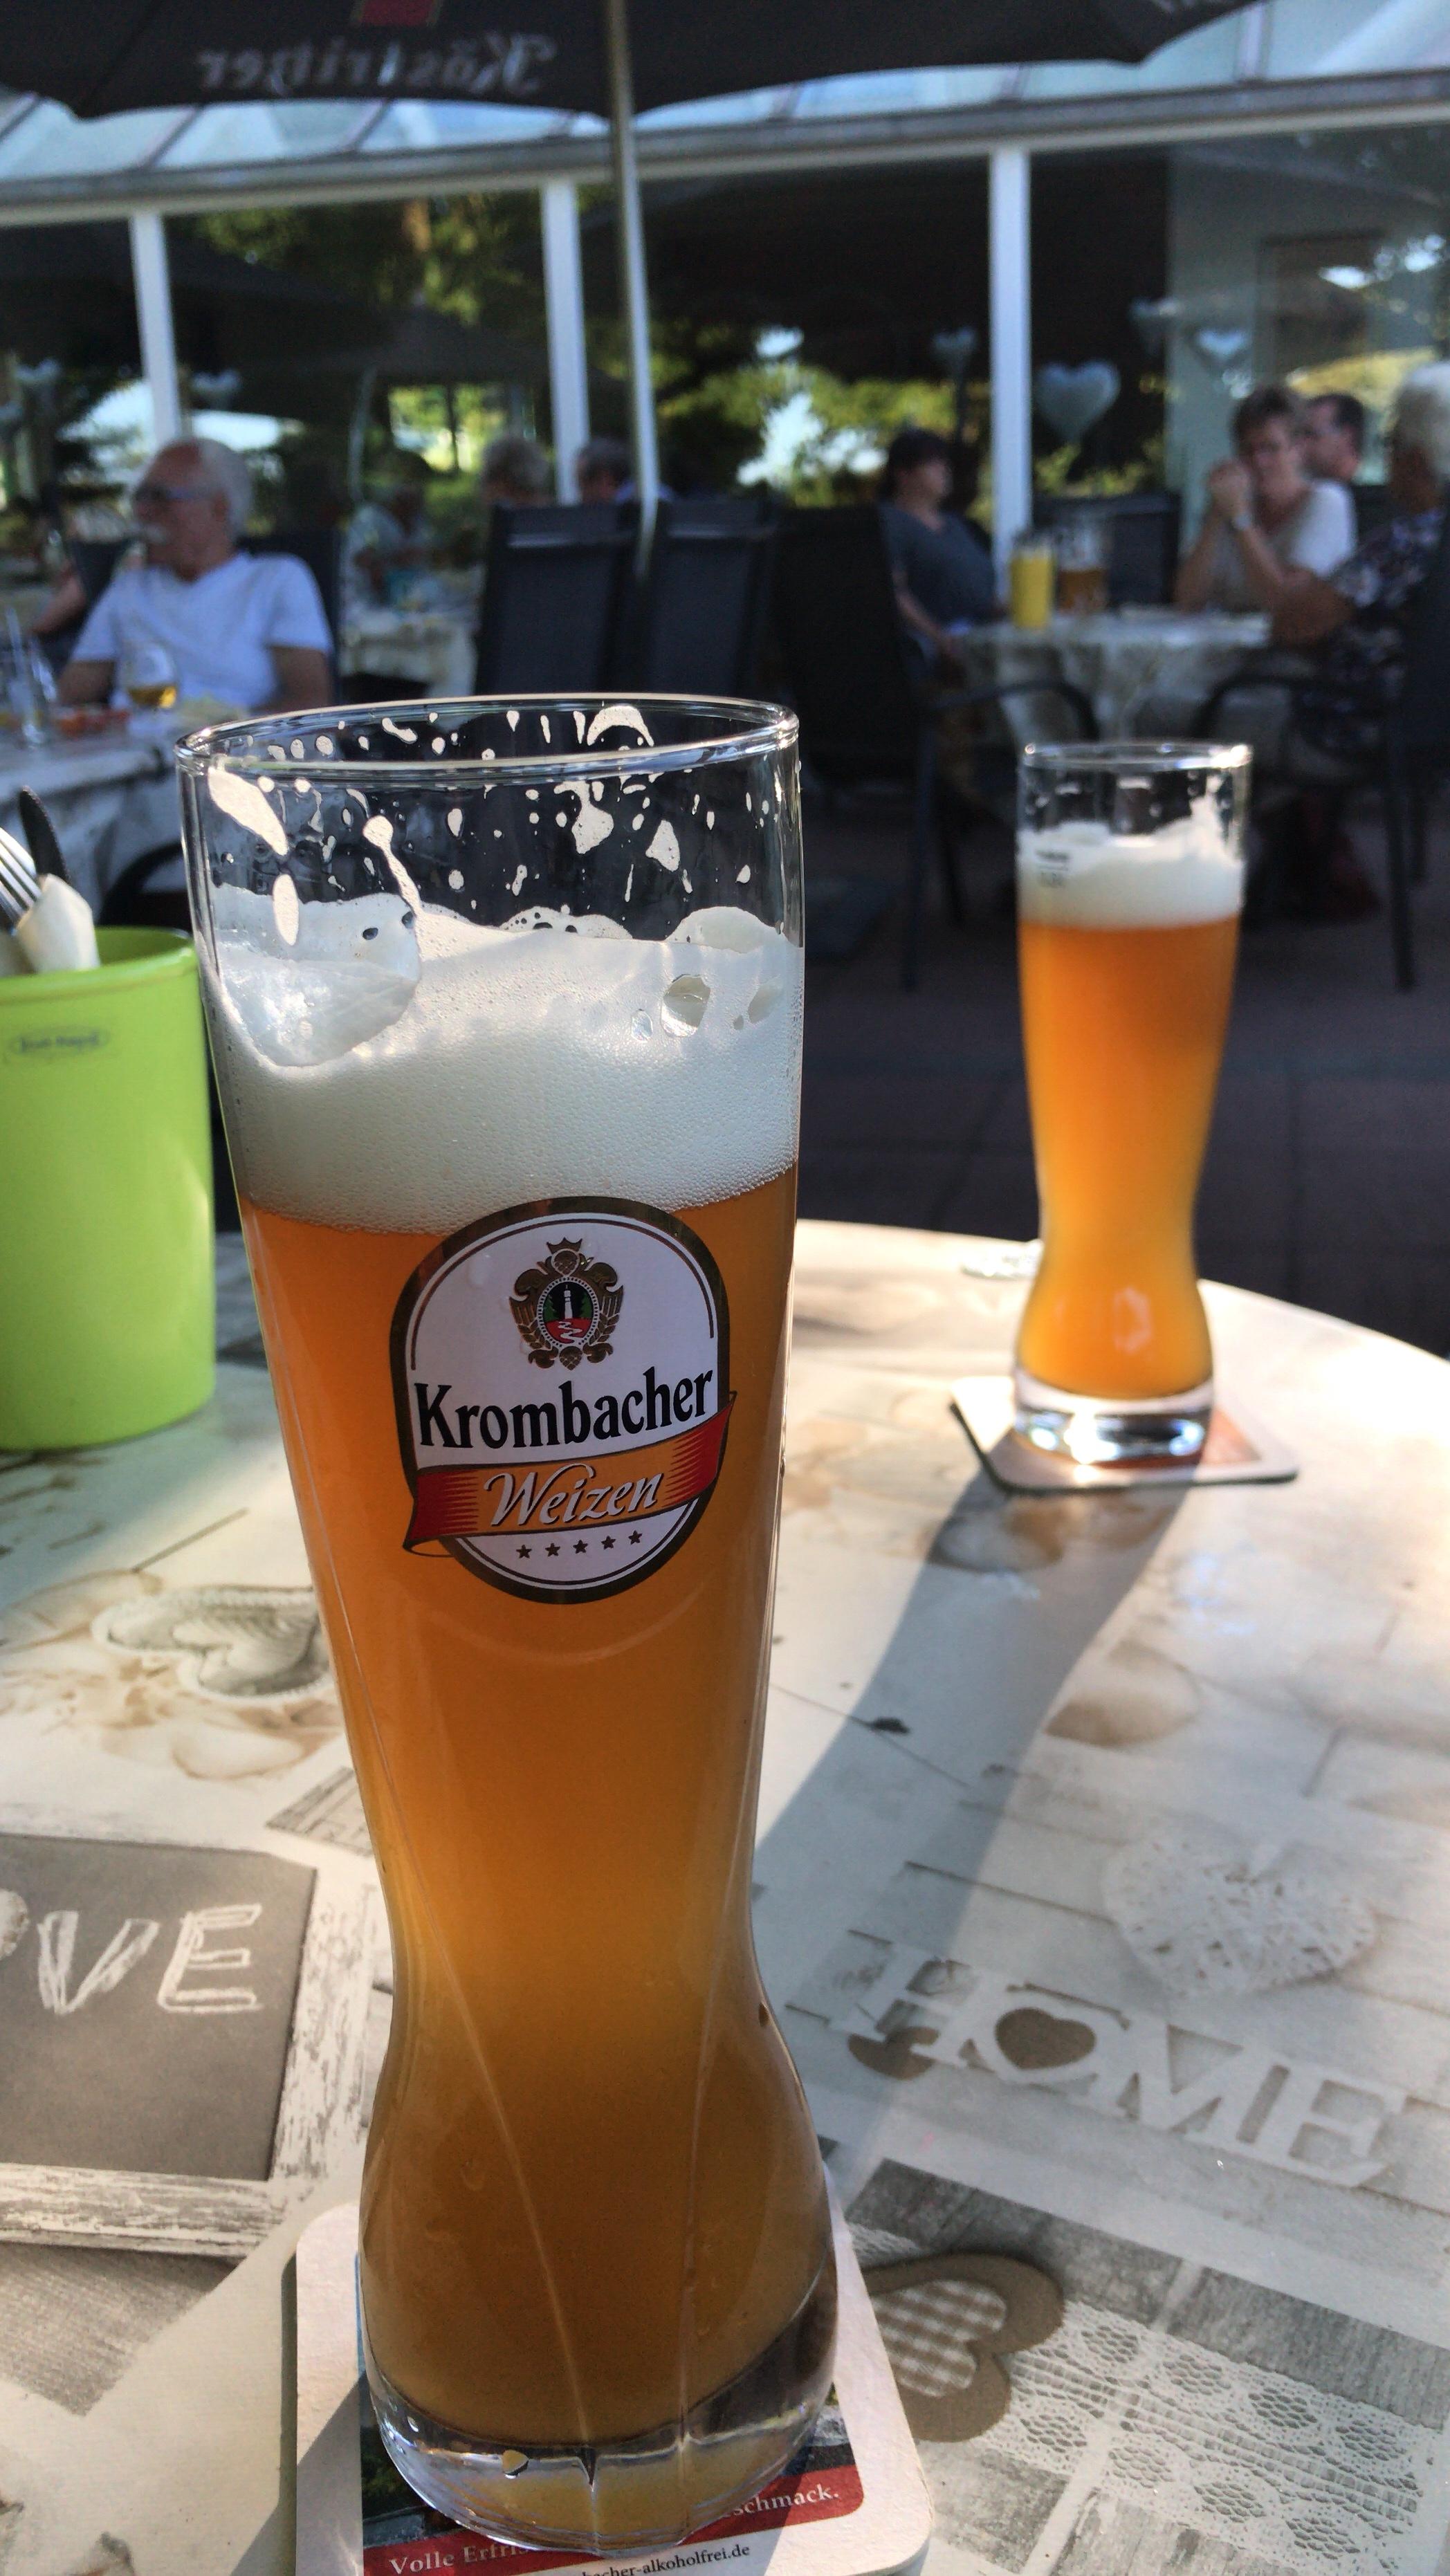 15 juli, naar Münster, een oude bekende